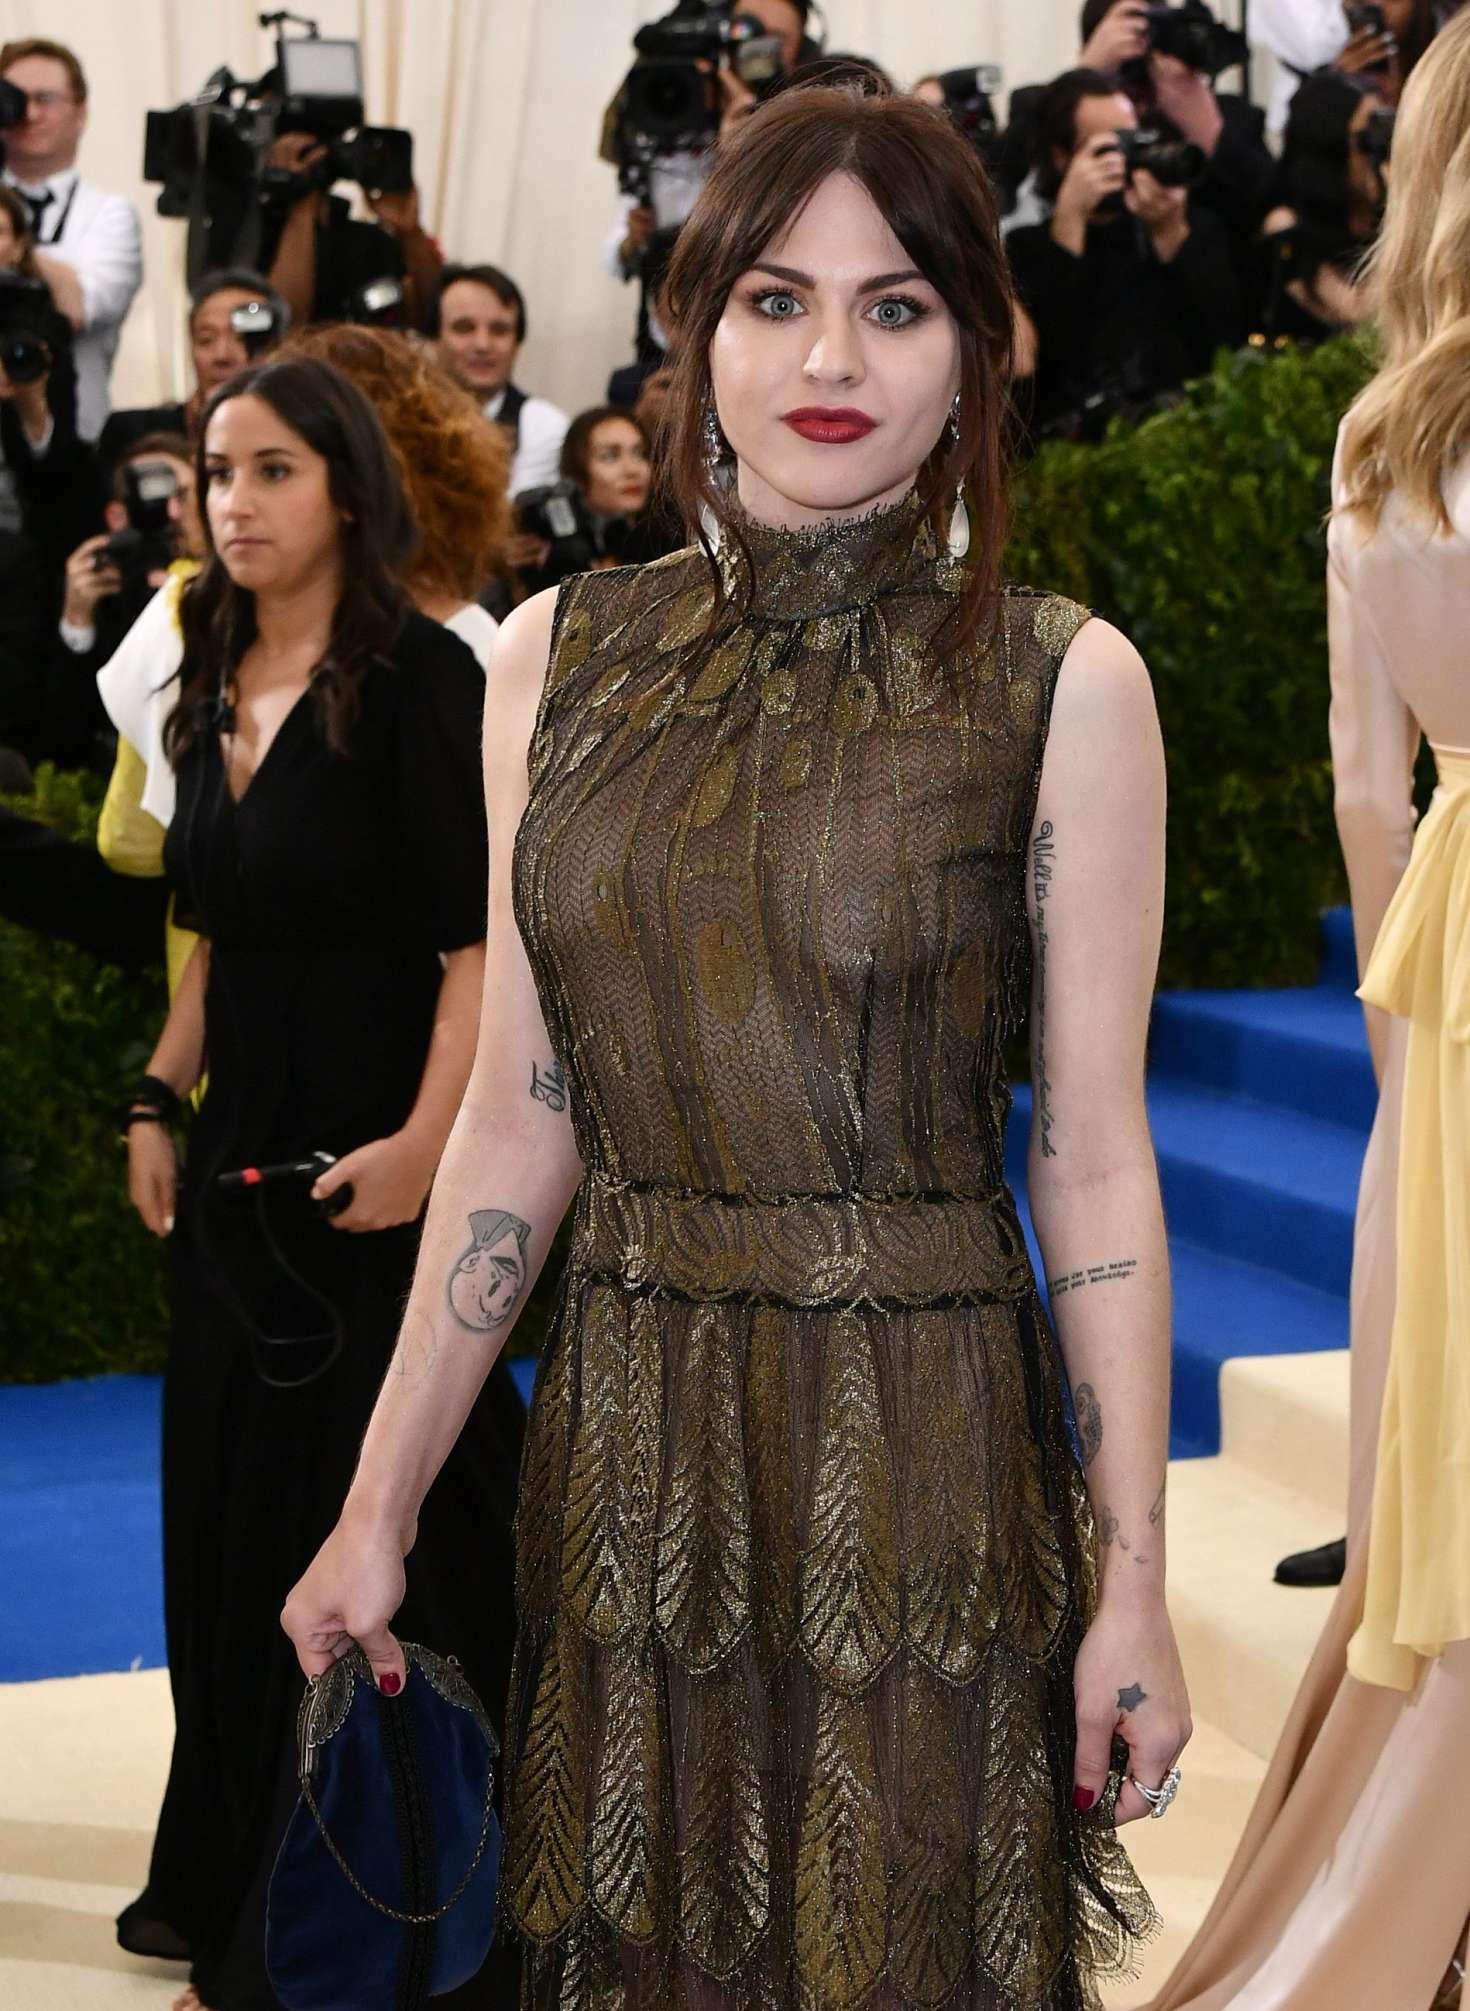 Frances bean cobain at met costume institute gala in new york